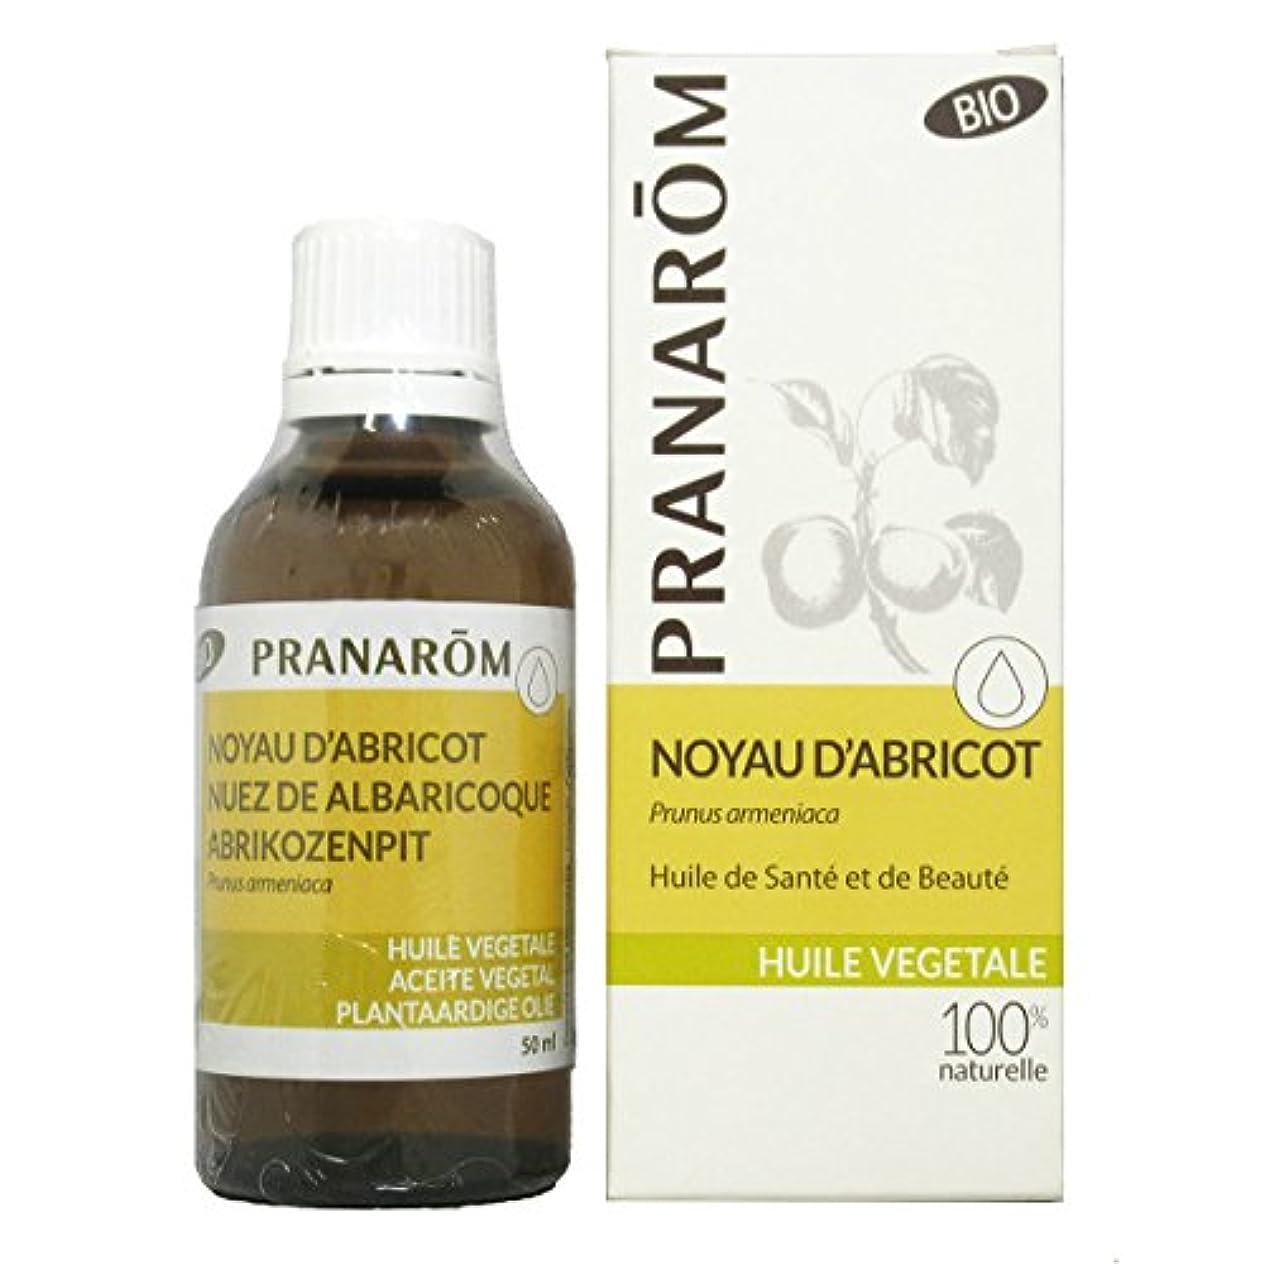 変色する刃よろめくプラナロム アプリコットオイル 50ml (PRANAROM 植物油)